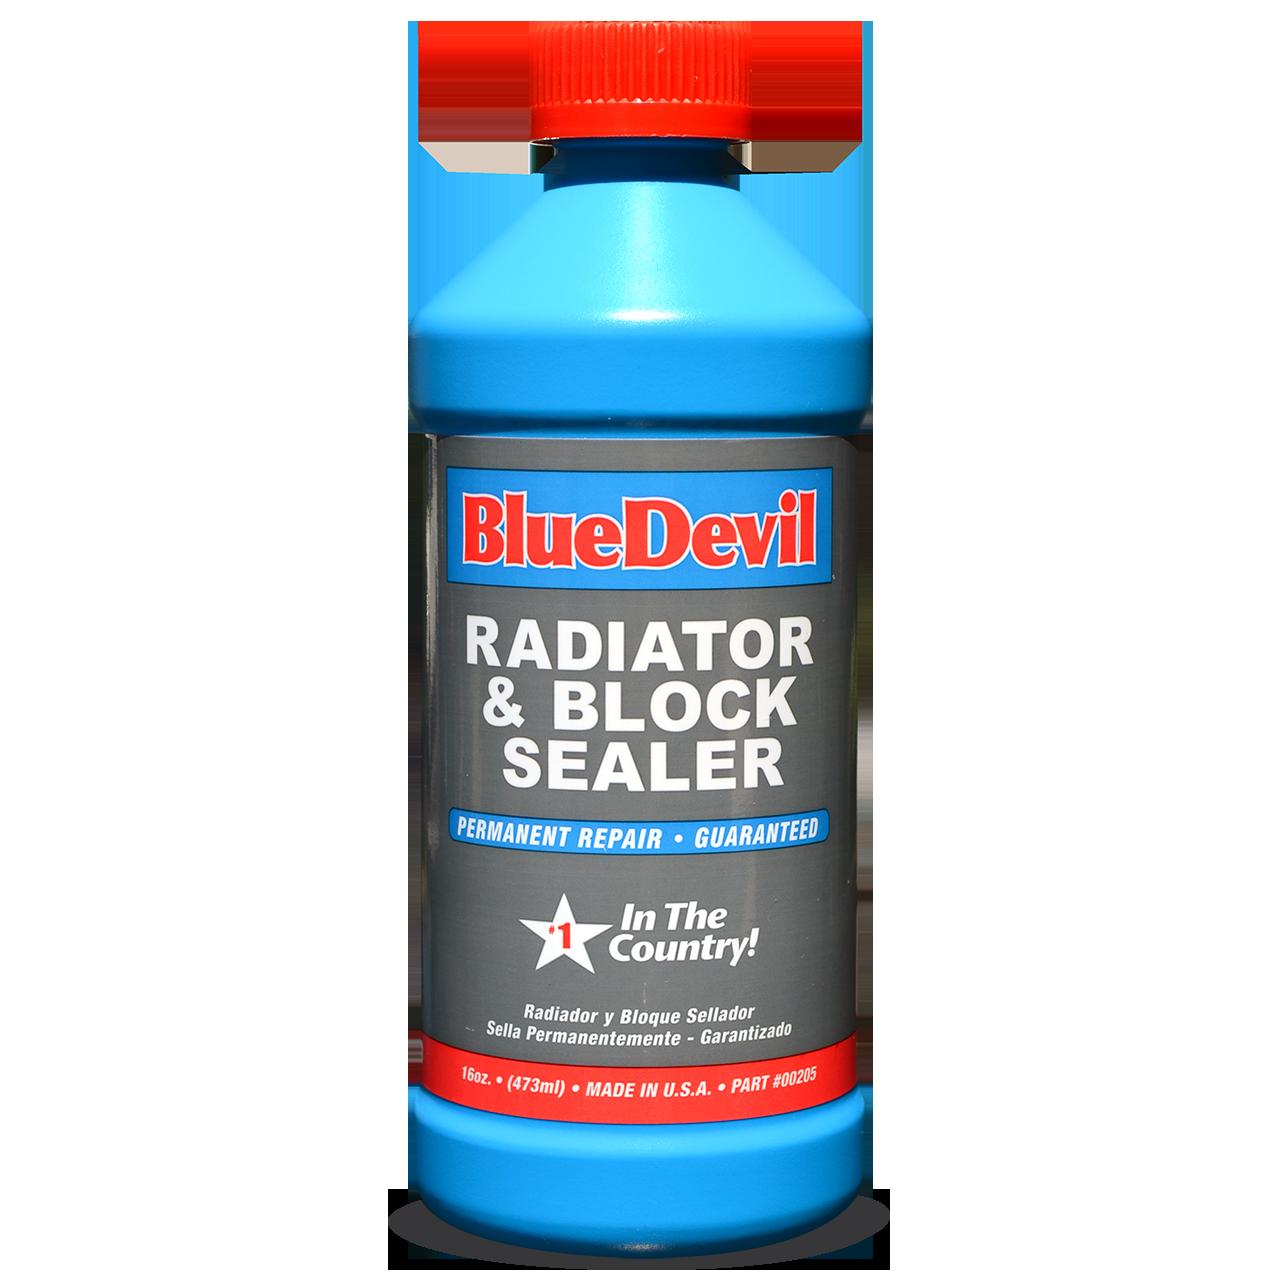 Radiator Block Sealer 00205 Radiators Seal Leaks Radiator